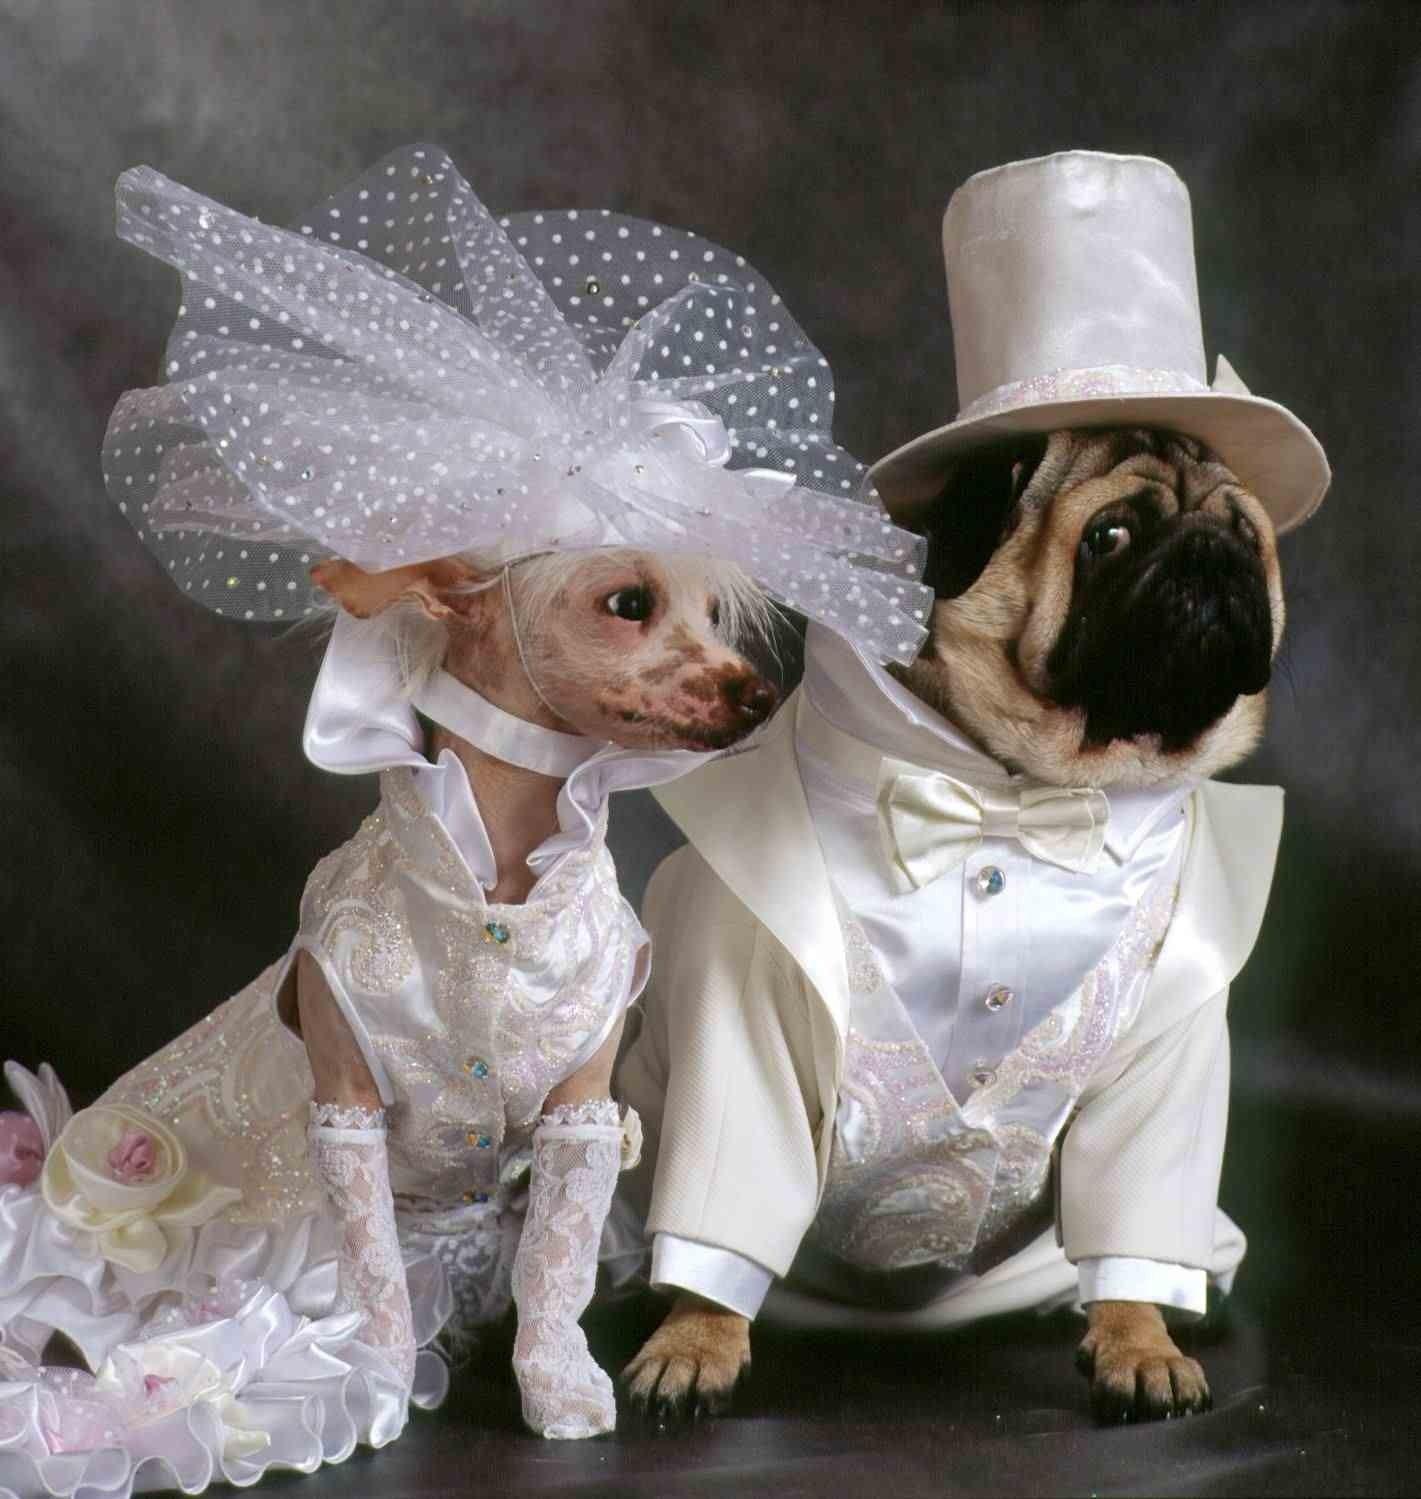 Картинка по теме: Смешная одежда для животных своими руками